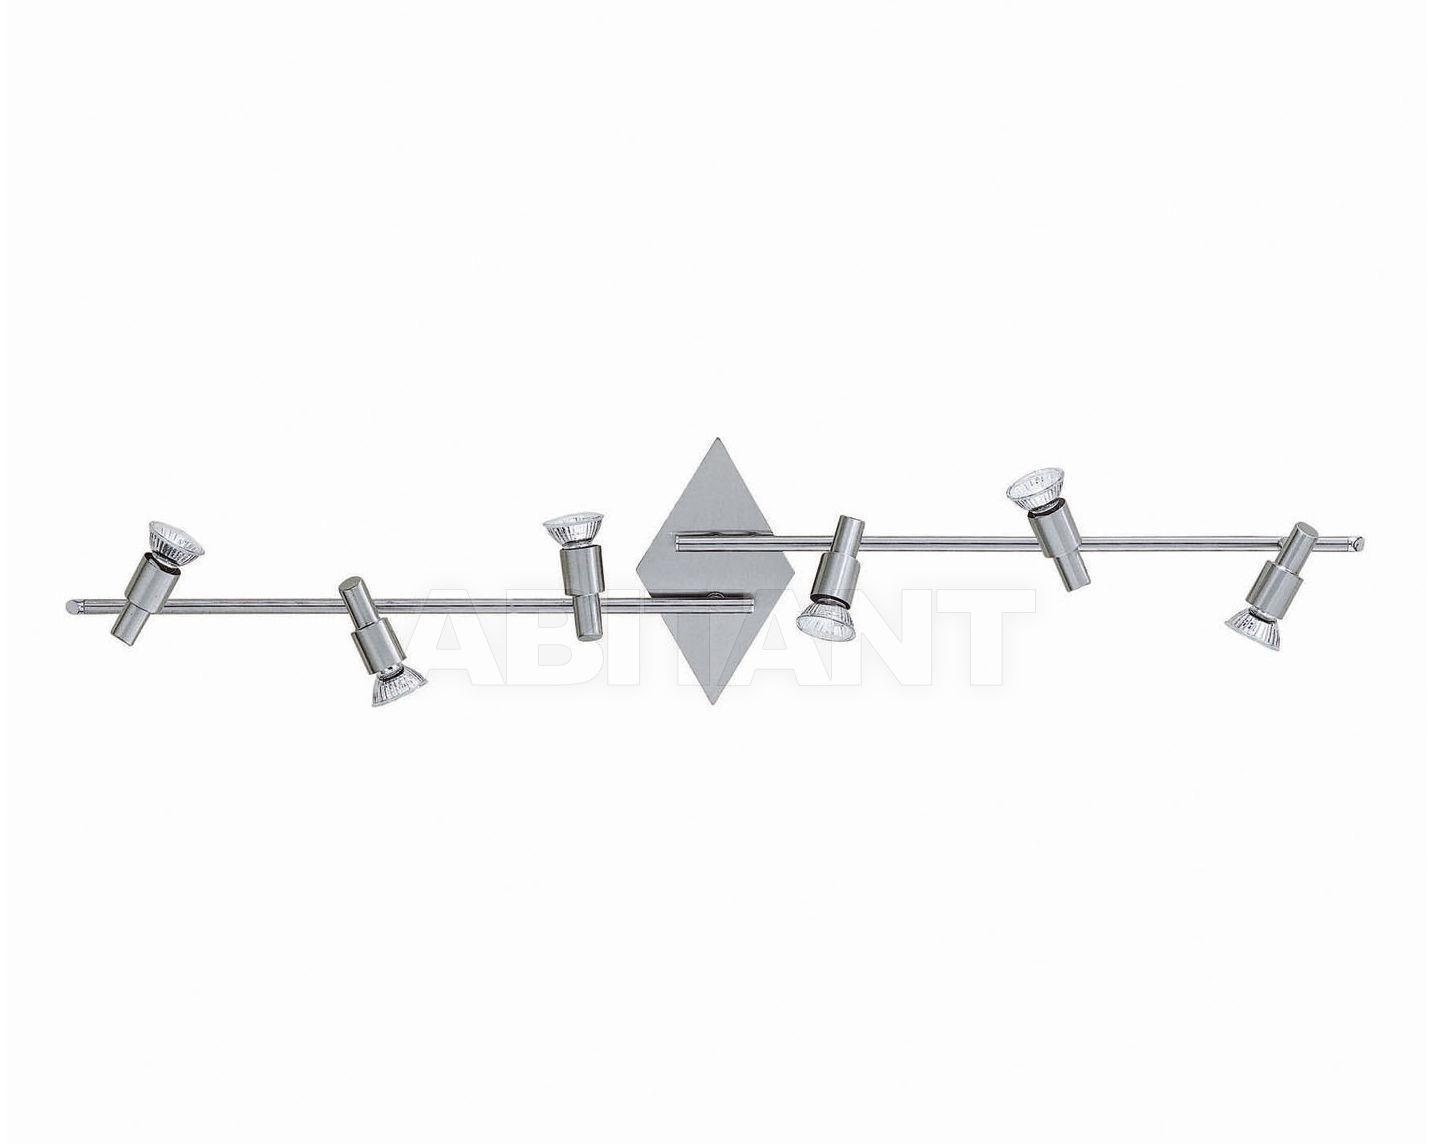 Купить Светильник-спот Ideal Lux 2013-2014 SLEM PB6